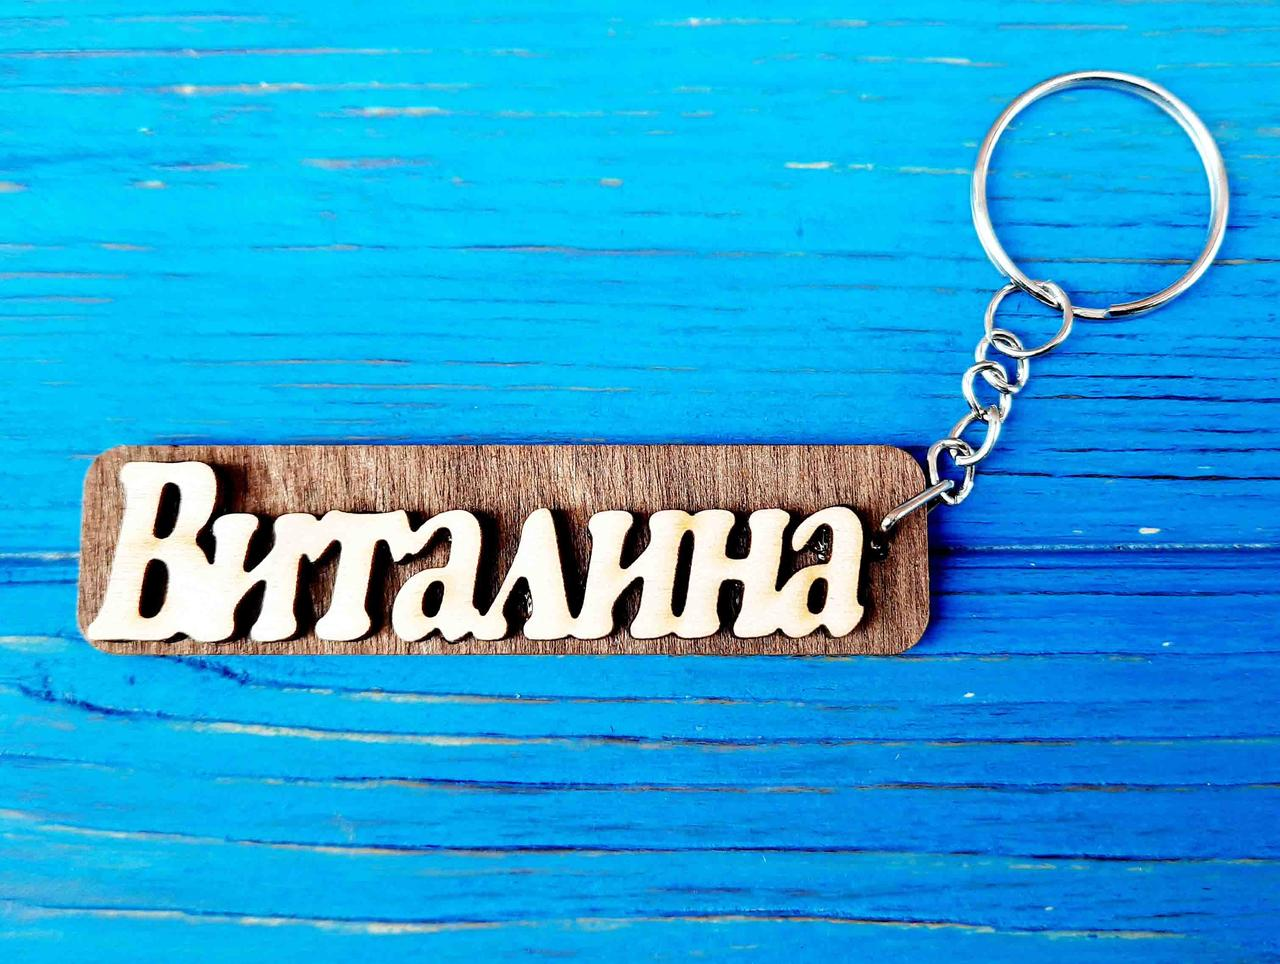 Брелок именной Виталина. Брелок с именем  Виталина. Брелок деревянный. Брелок для ключей. Брелоки с именами